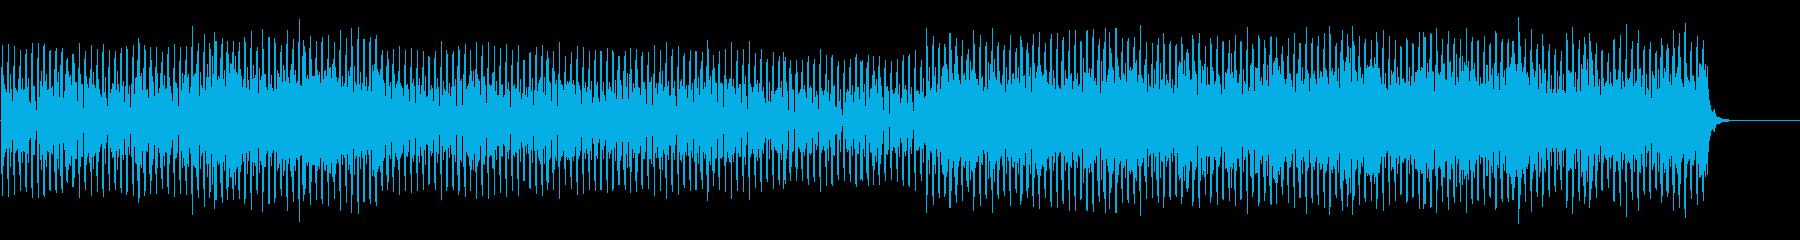 疾走感のあるクールなテクノポップ の再生済みの波形